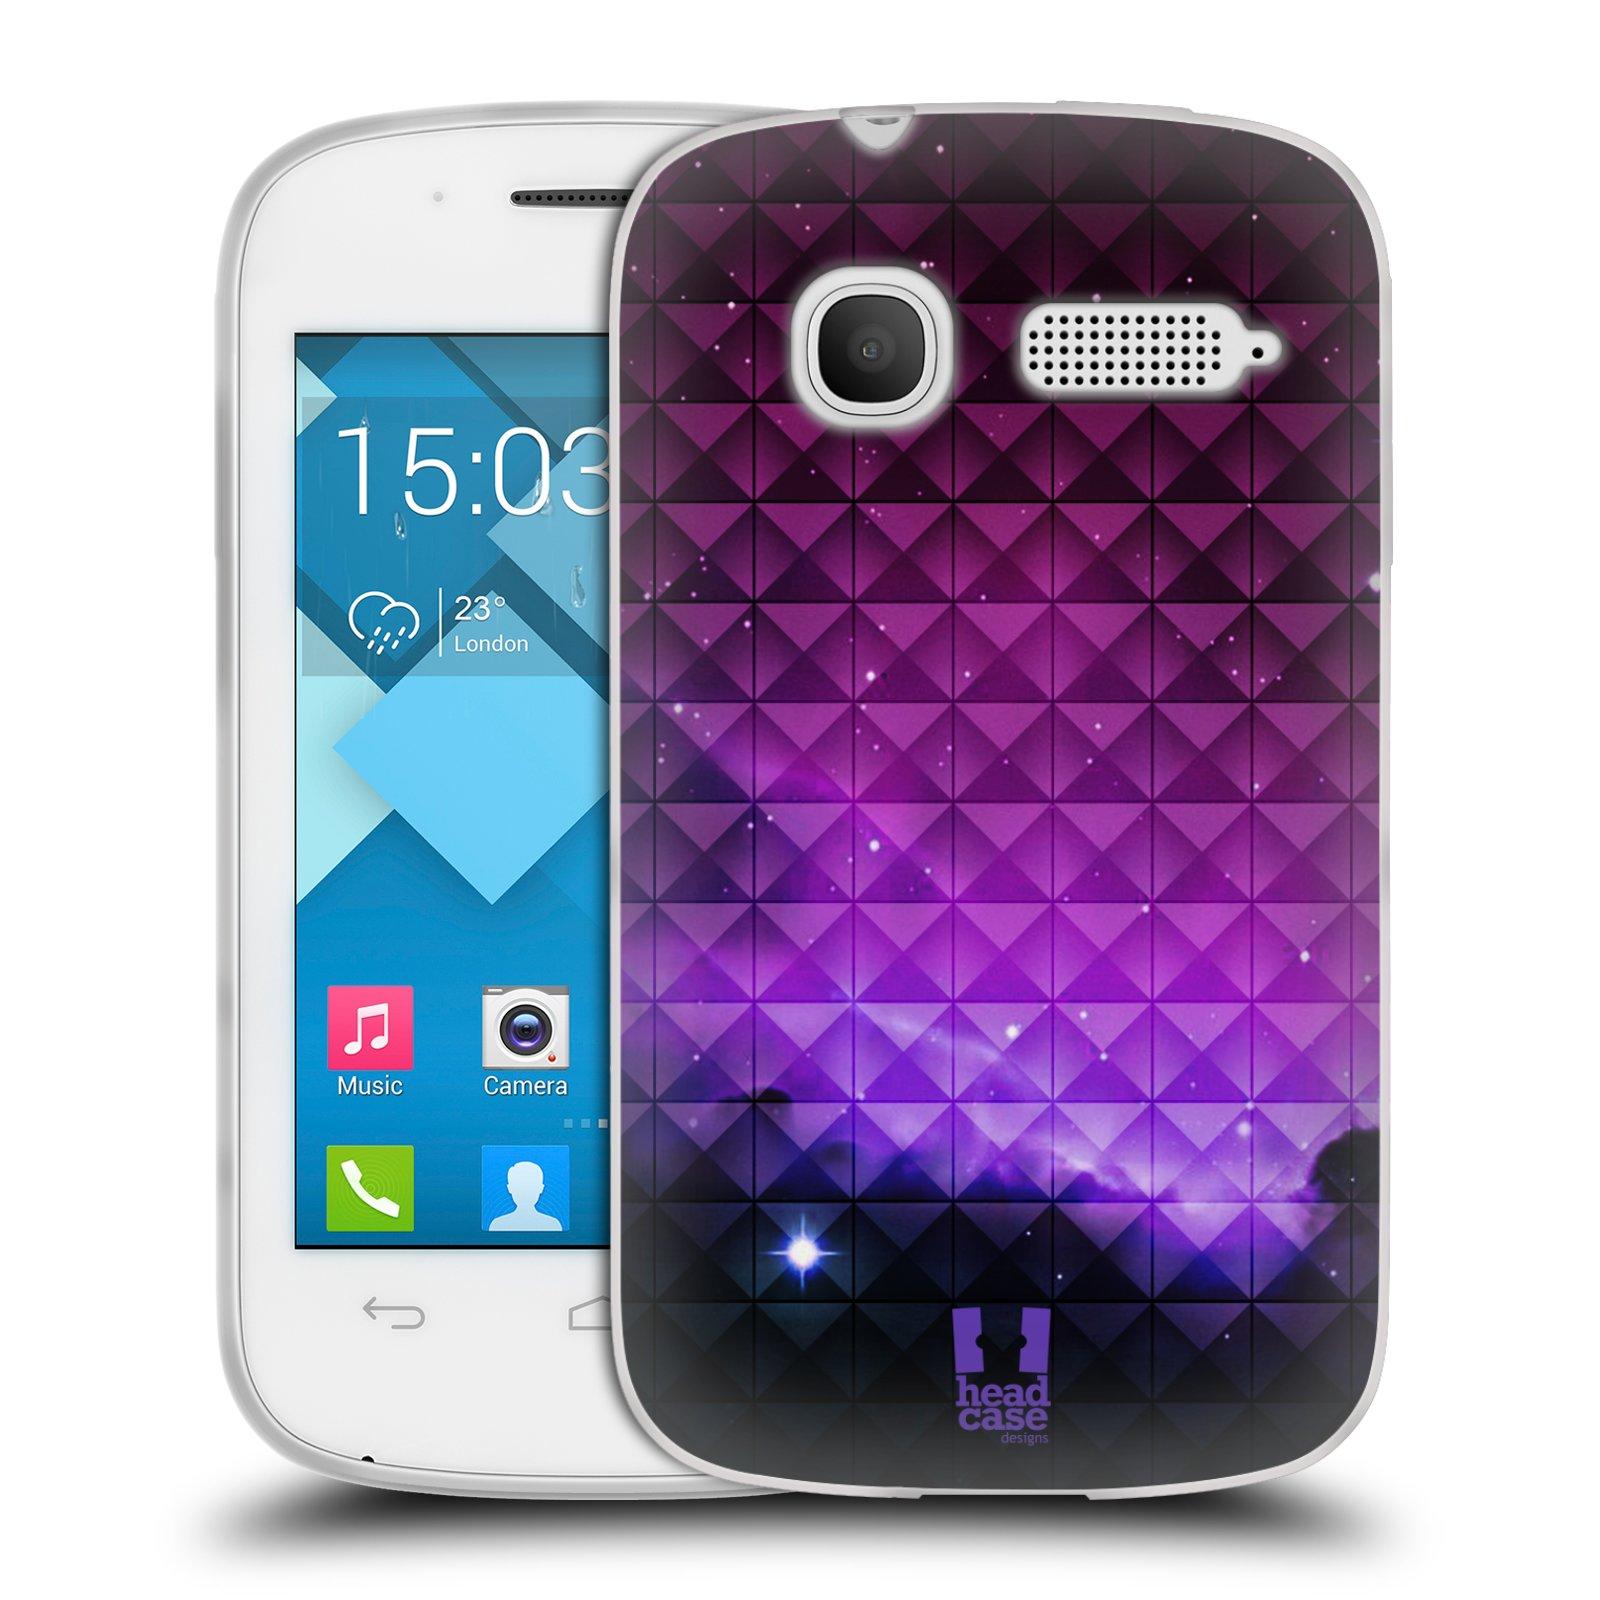 Silikonové pouzdro na mobil Alcatel One Touch Pop C1 HEAD CASE PURPLE HAZE (Silikonový kryt či obal na mobilní telefon Alcatel OT-4015D POP C1)